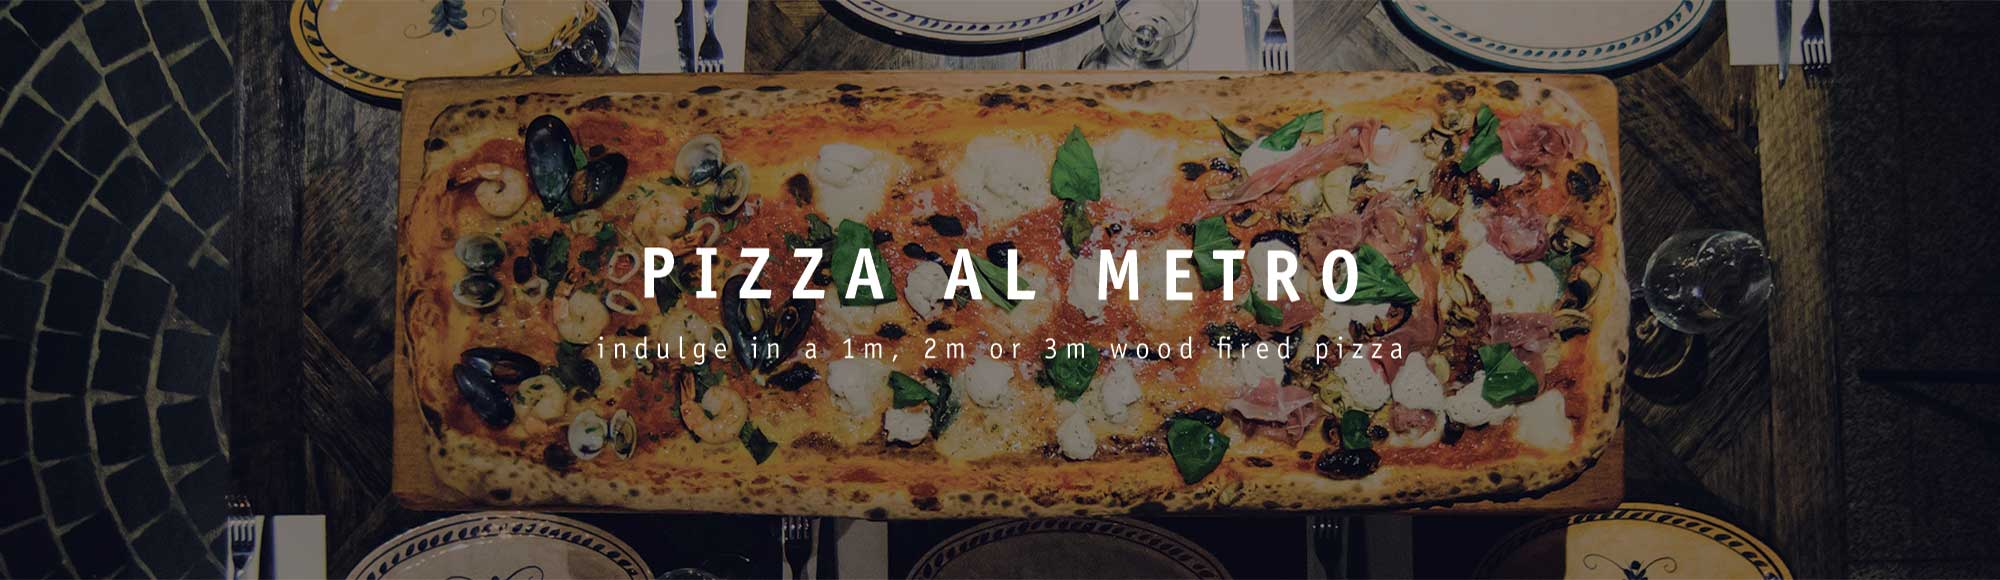 Pizza-al-Metro.jpg